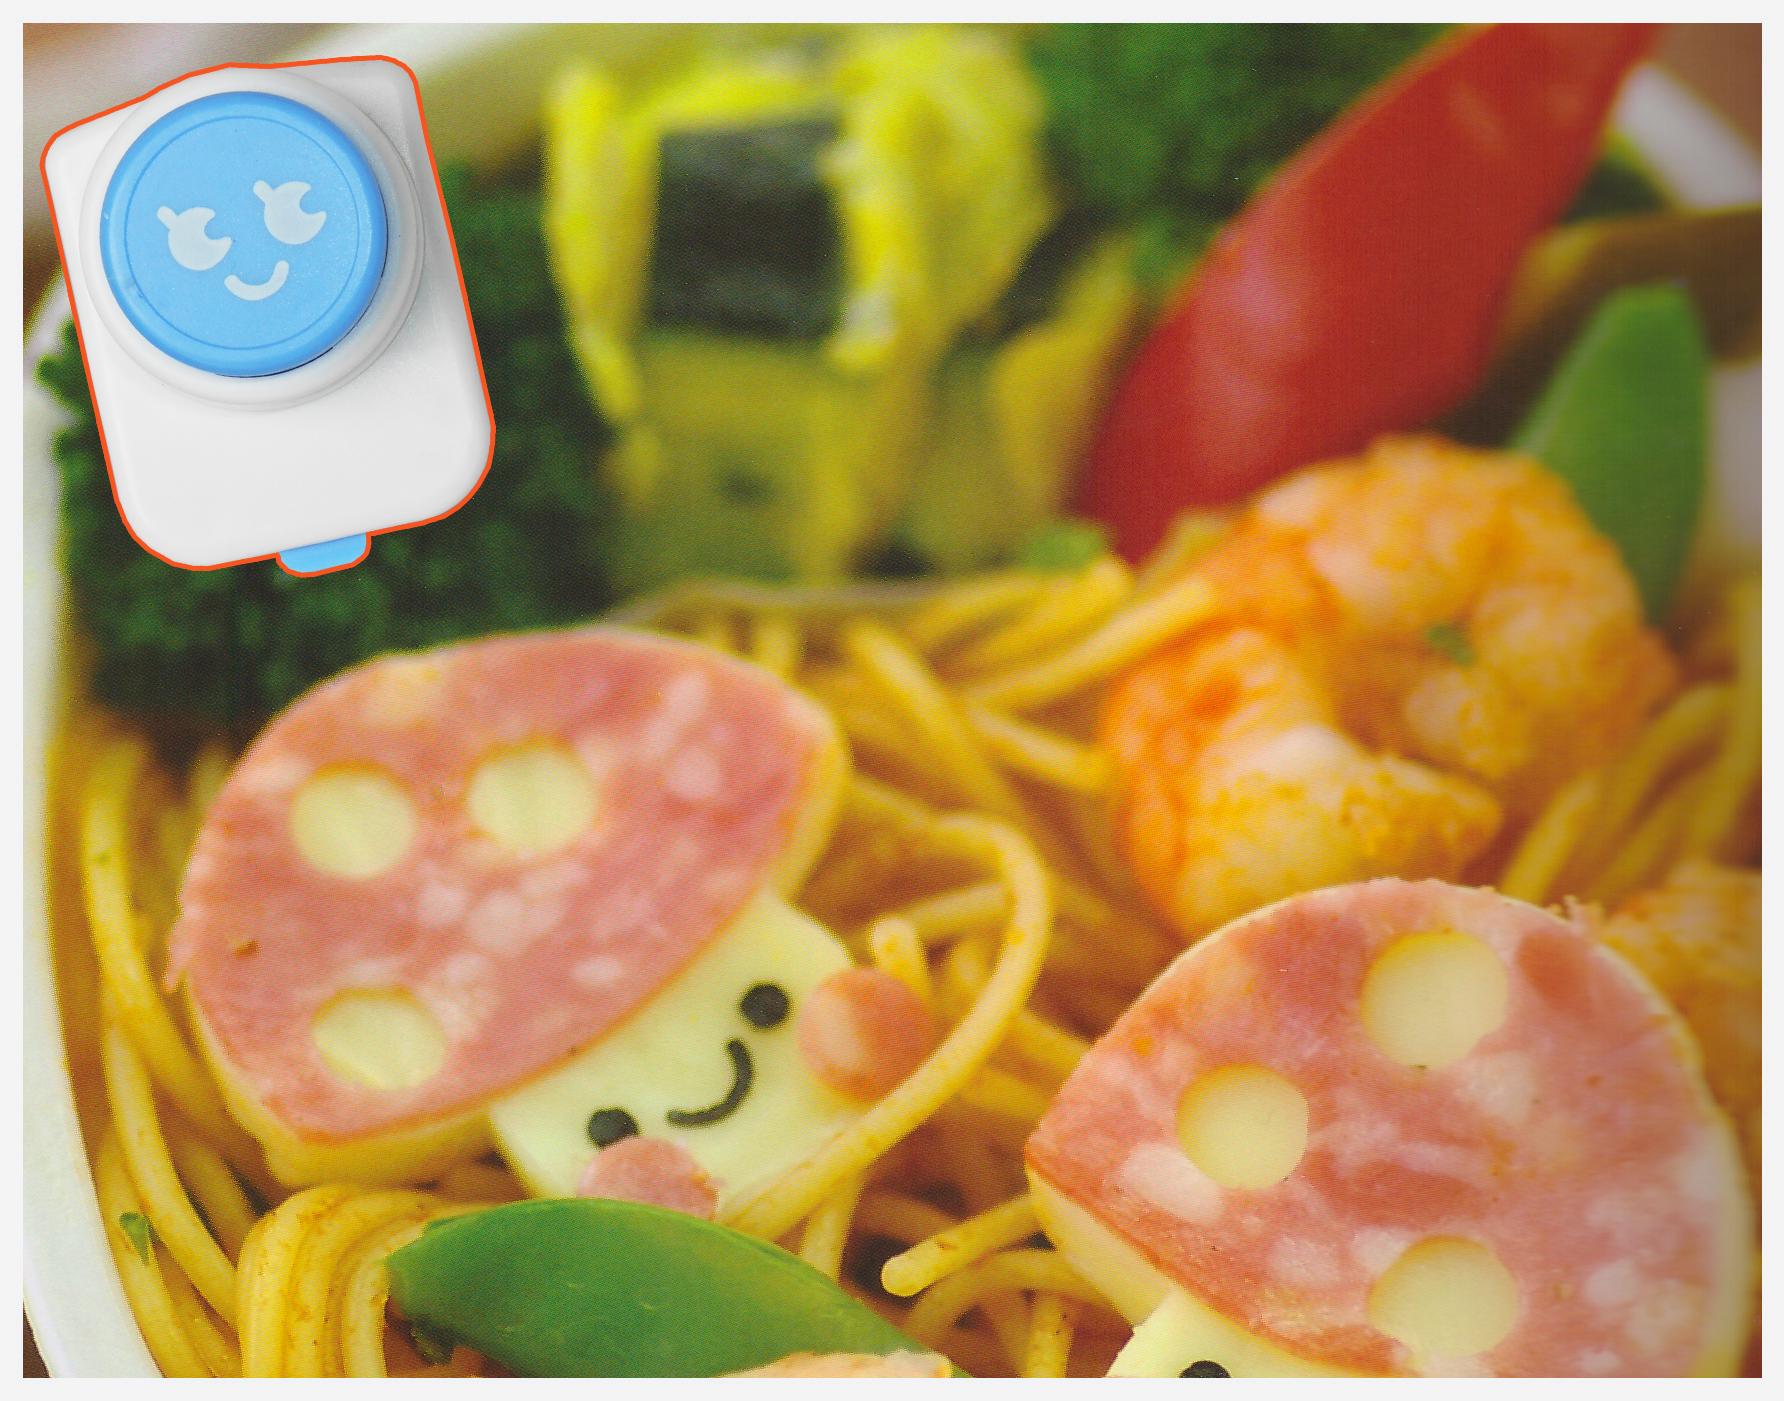 Notre perforeuse à nori bleue est parfaite pour cette recette bento ^^ (crédit photo recette livre Yum Yum Bento Box)